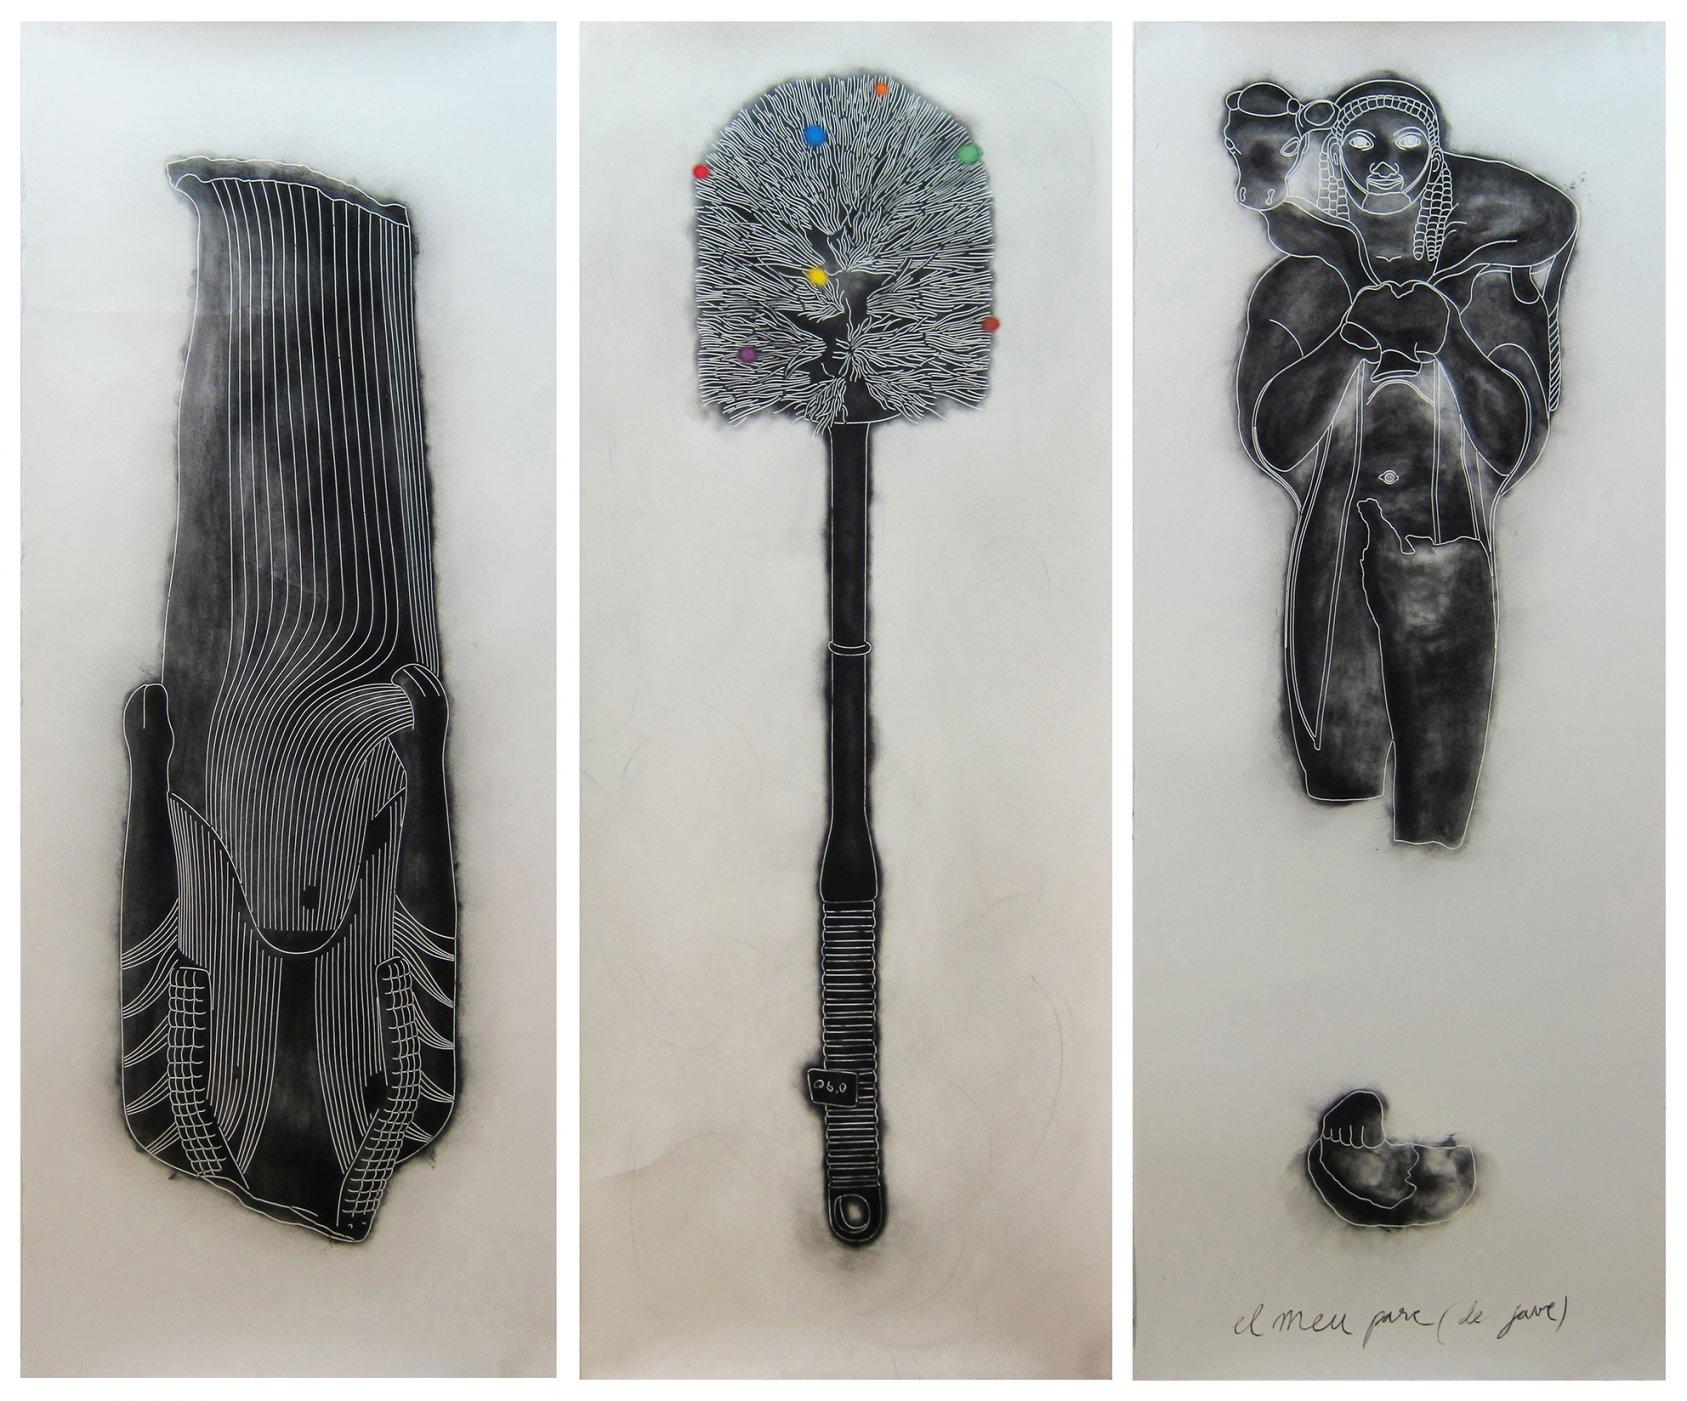 tríptico continuidades discontinuas (2011) - Jesús Galdón